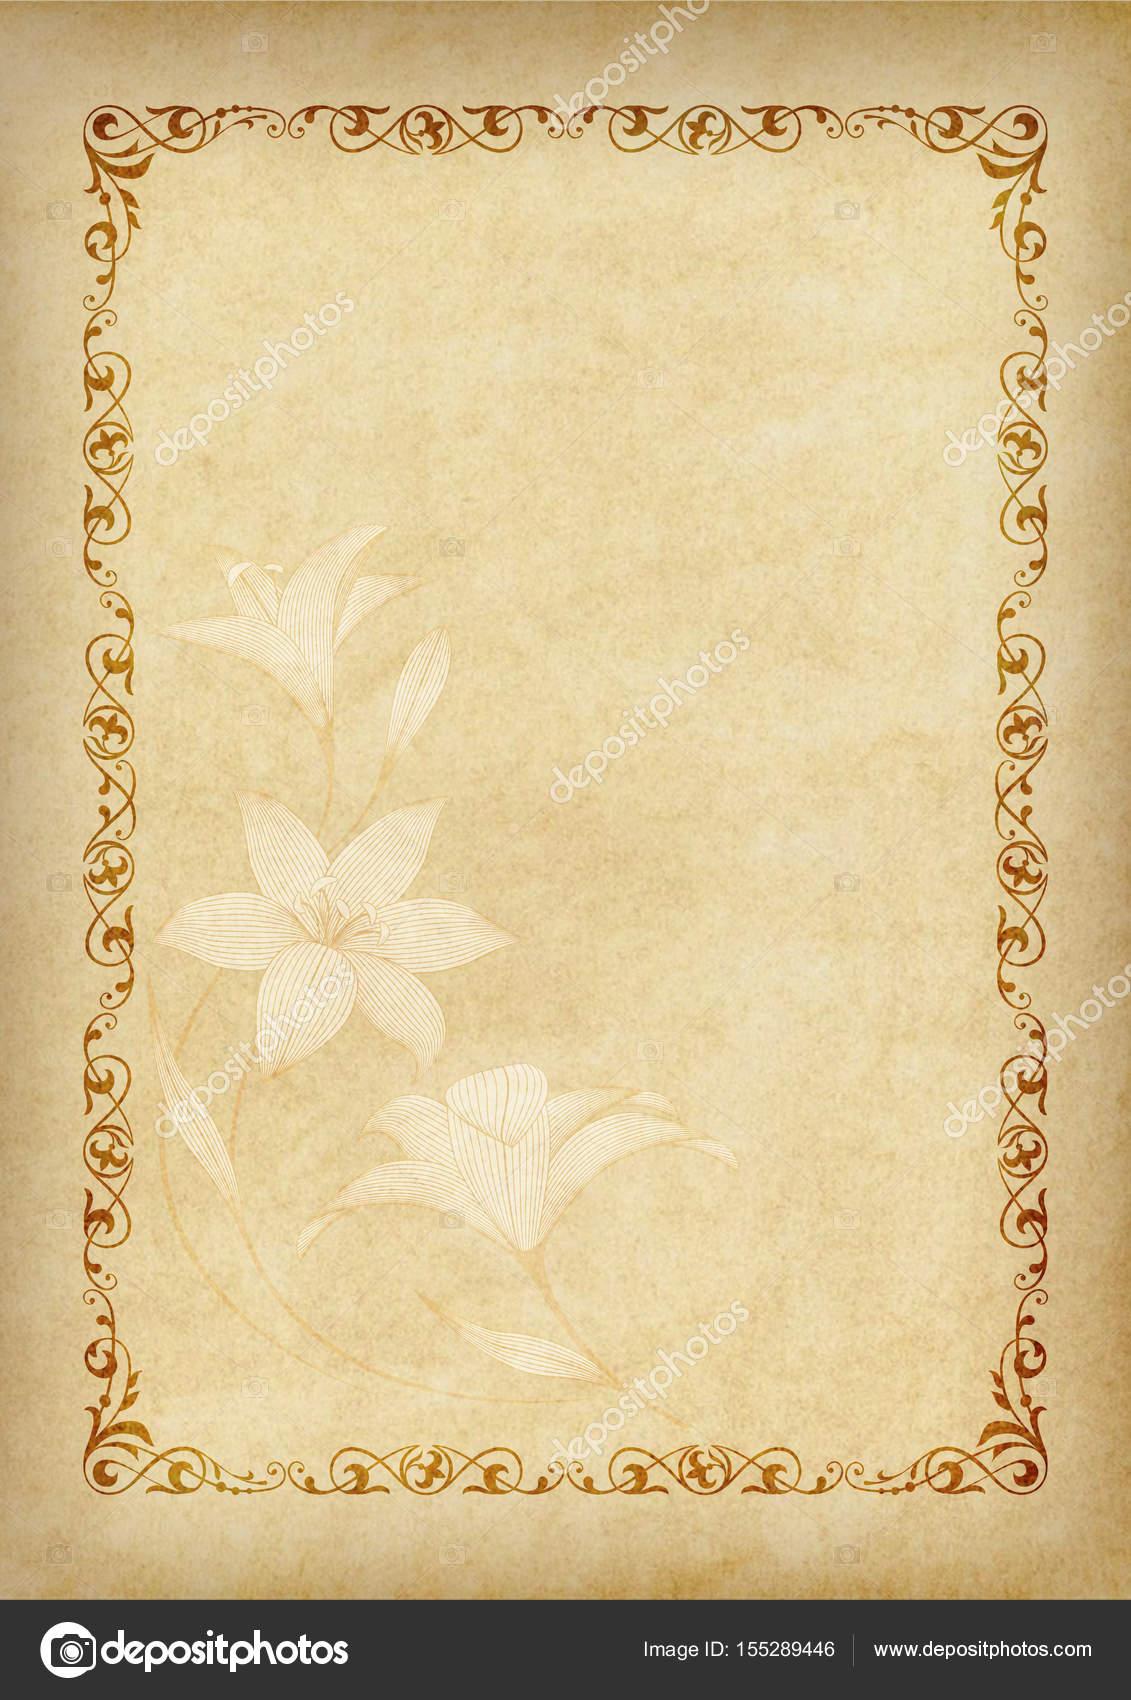 Vorlage, Hintergrund mit einem Rahmen und dekoratives Element am ...